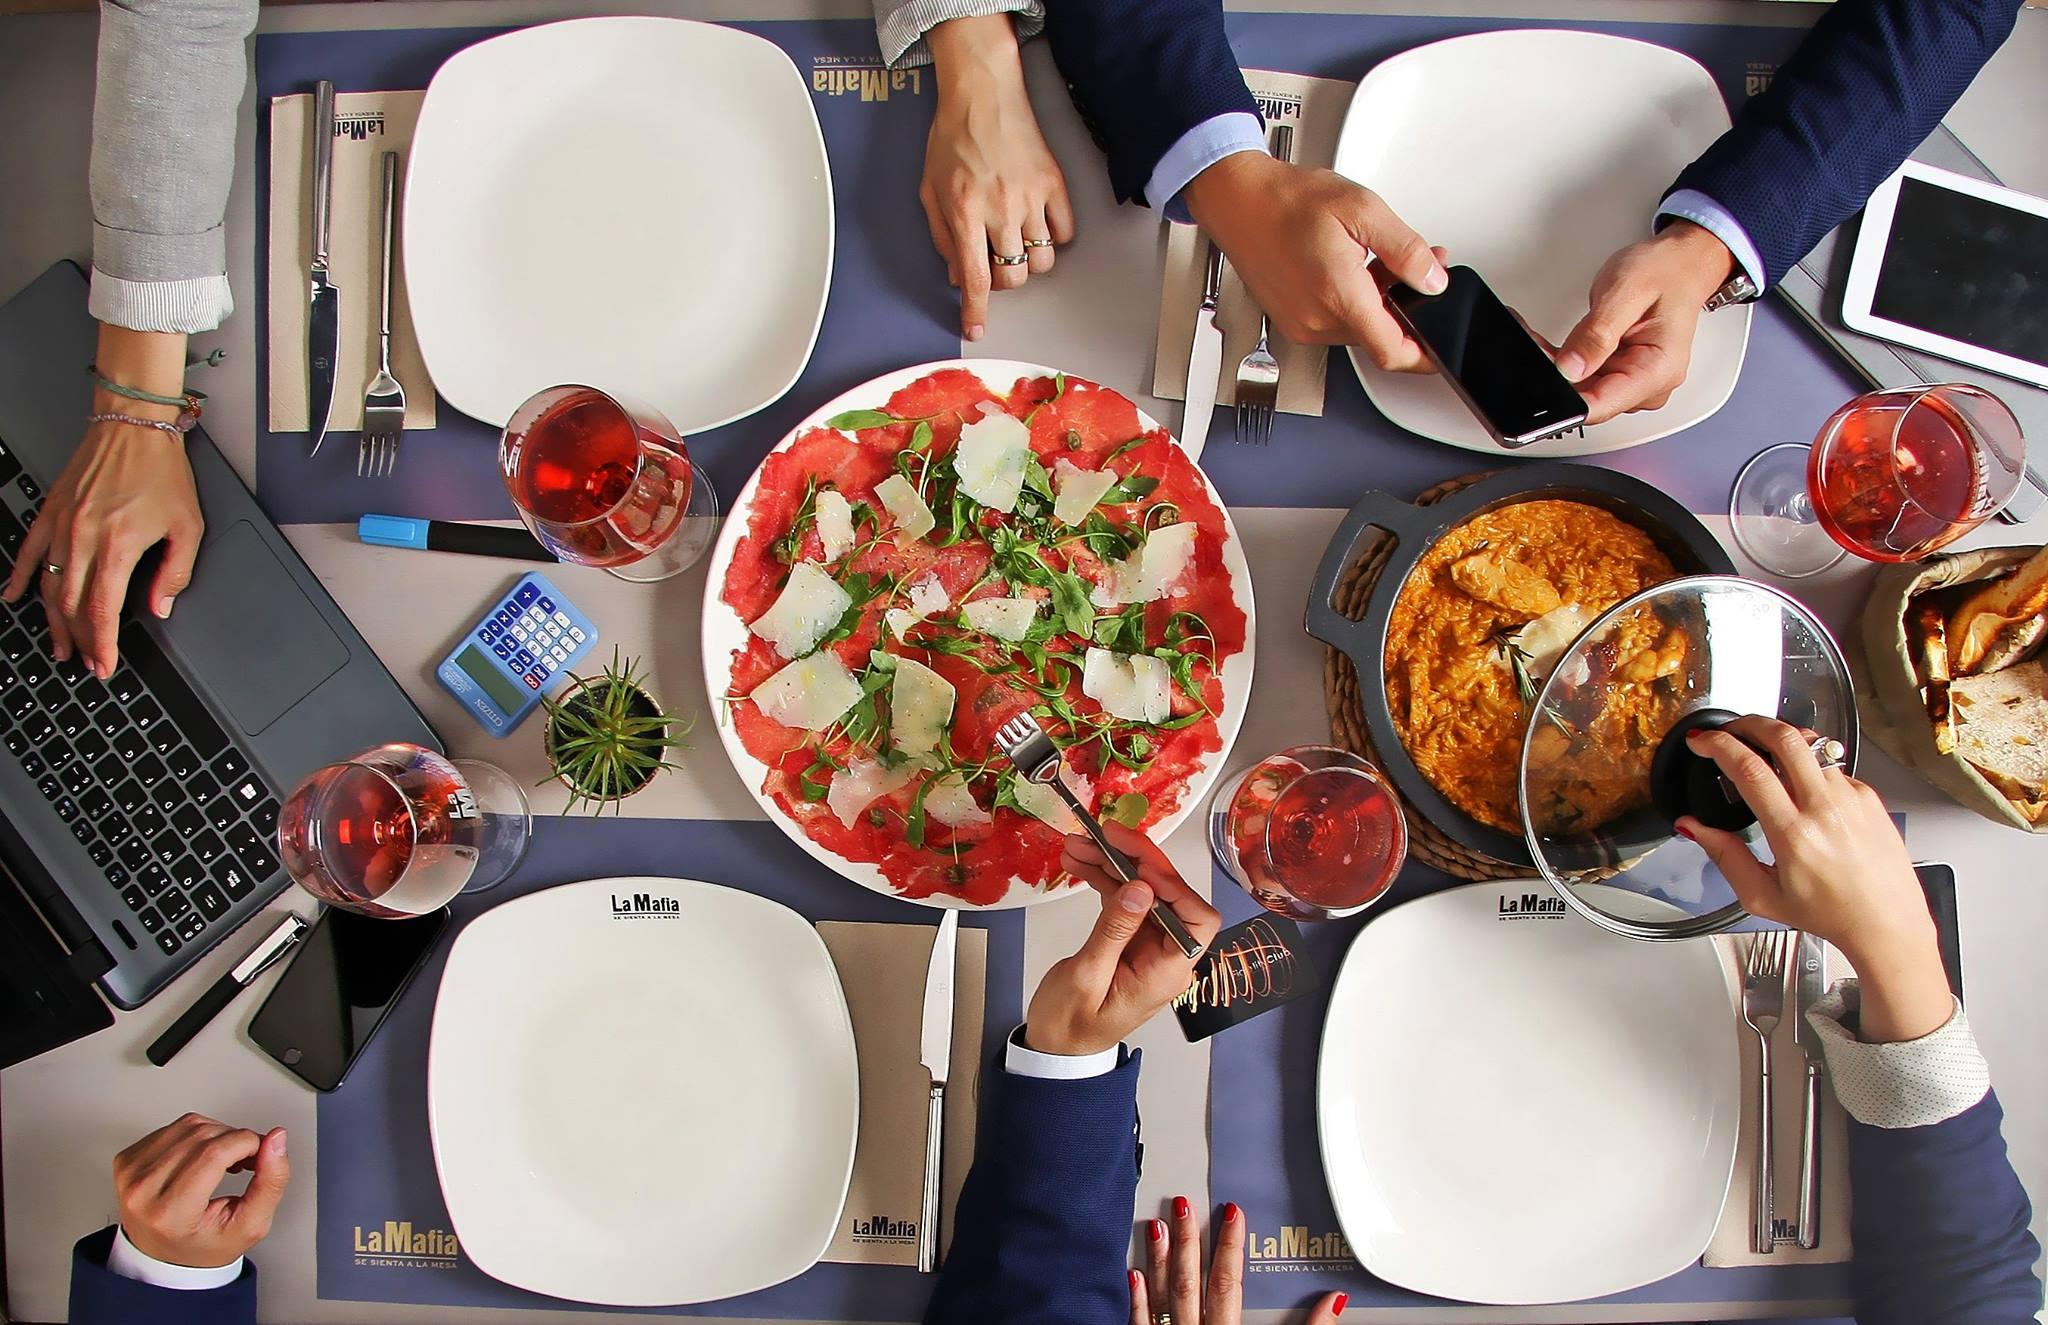 Tres platos de carpaccio muy ricos para abrir el apetito 1 - Tres platos de carpaccio muy ricos para abrir el apetito